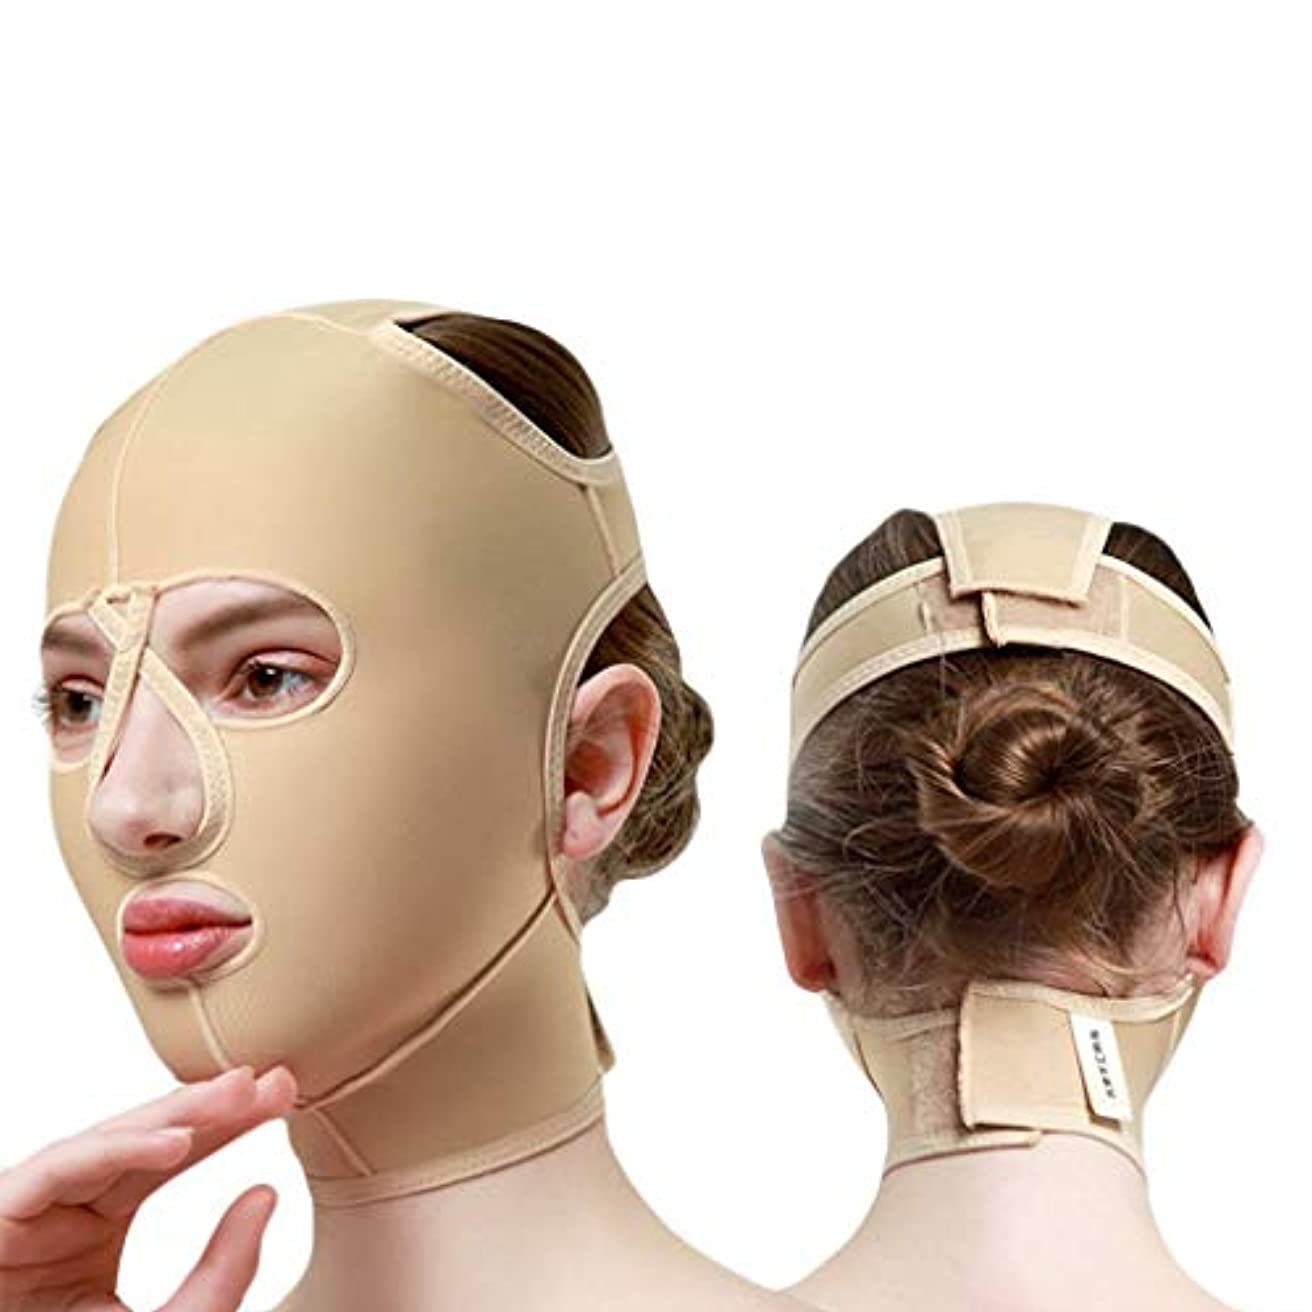 チンストラップ、顔彫りツール、リフティングマスク、ダブルチンリデューサー、フェイスリフティングエラスティックマスクメス(サイズ:M),S